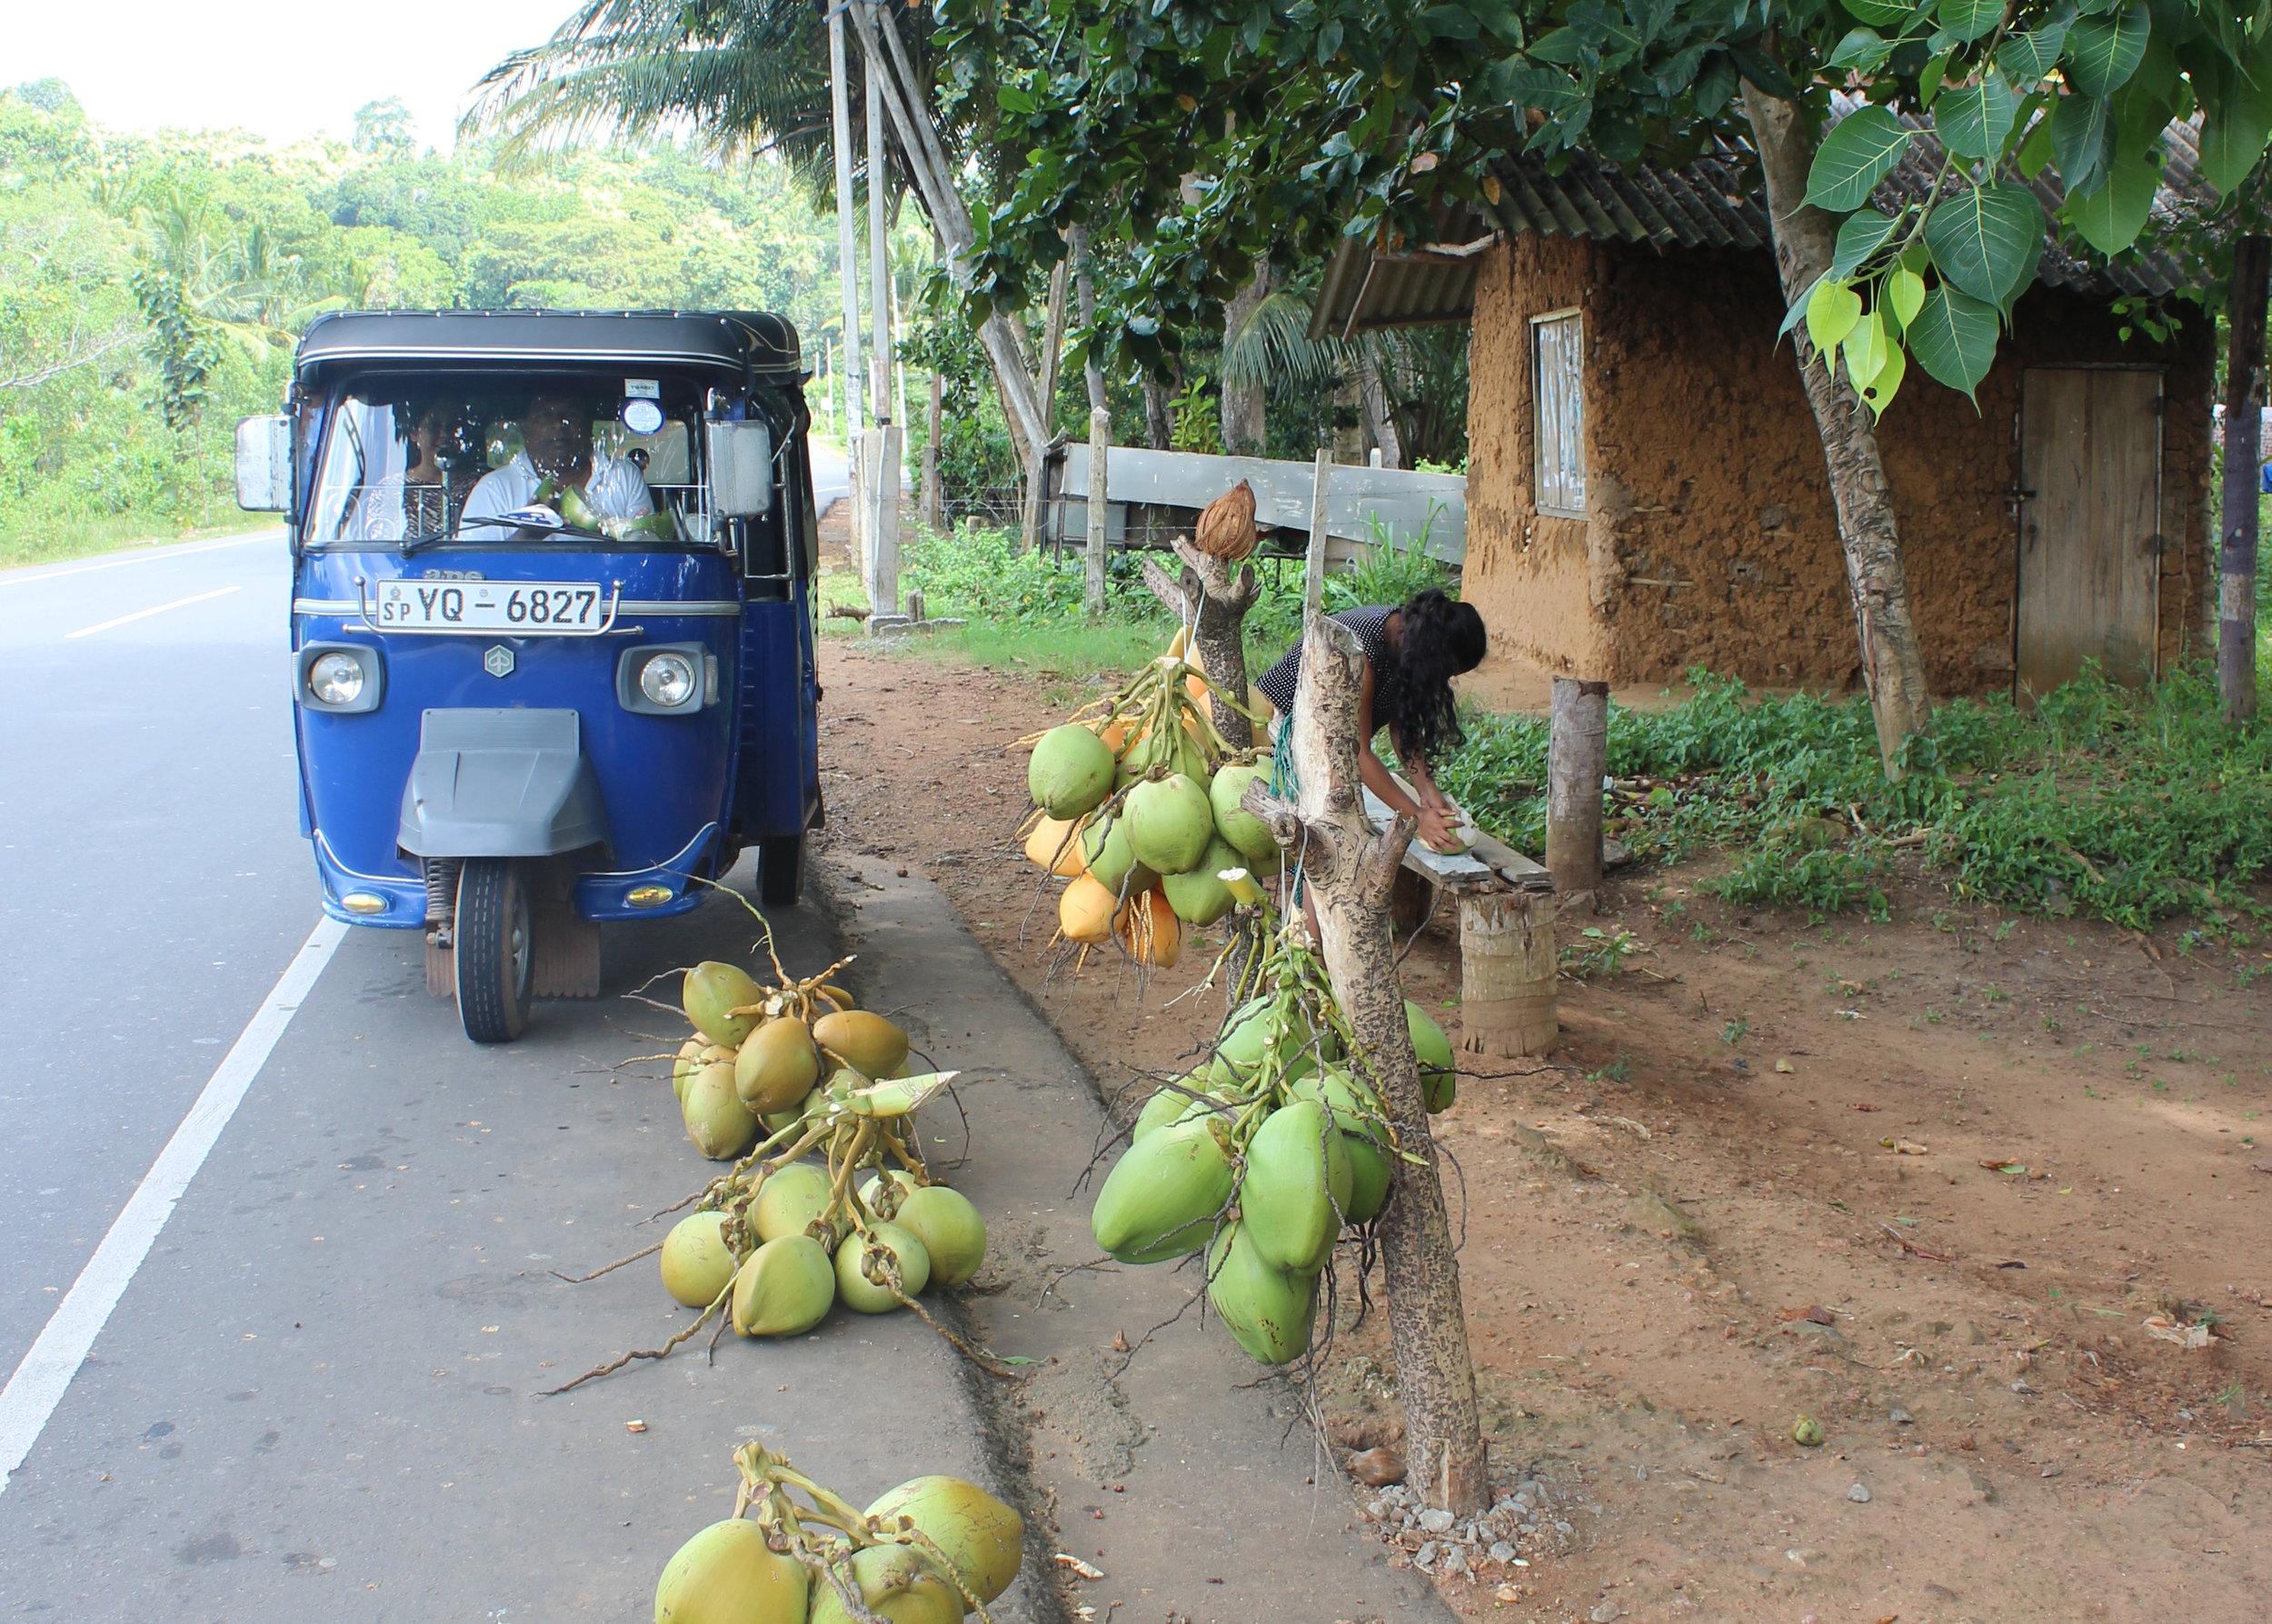 Coconut water on sale near Matara, Sri Lanka